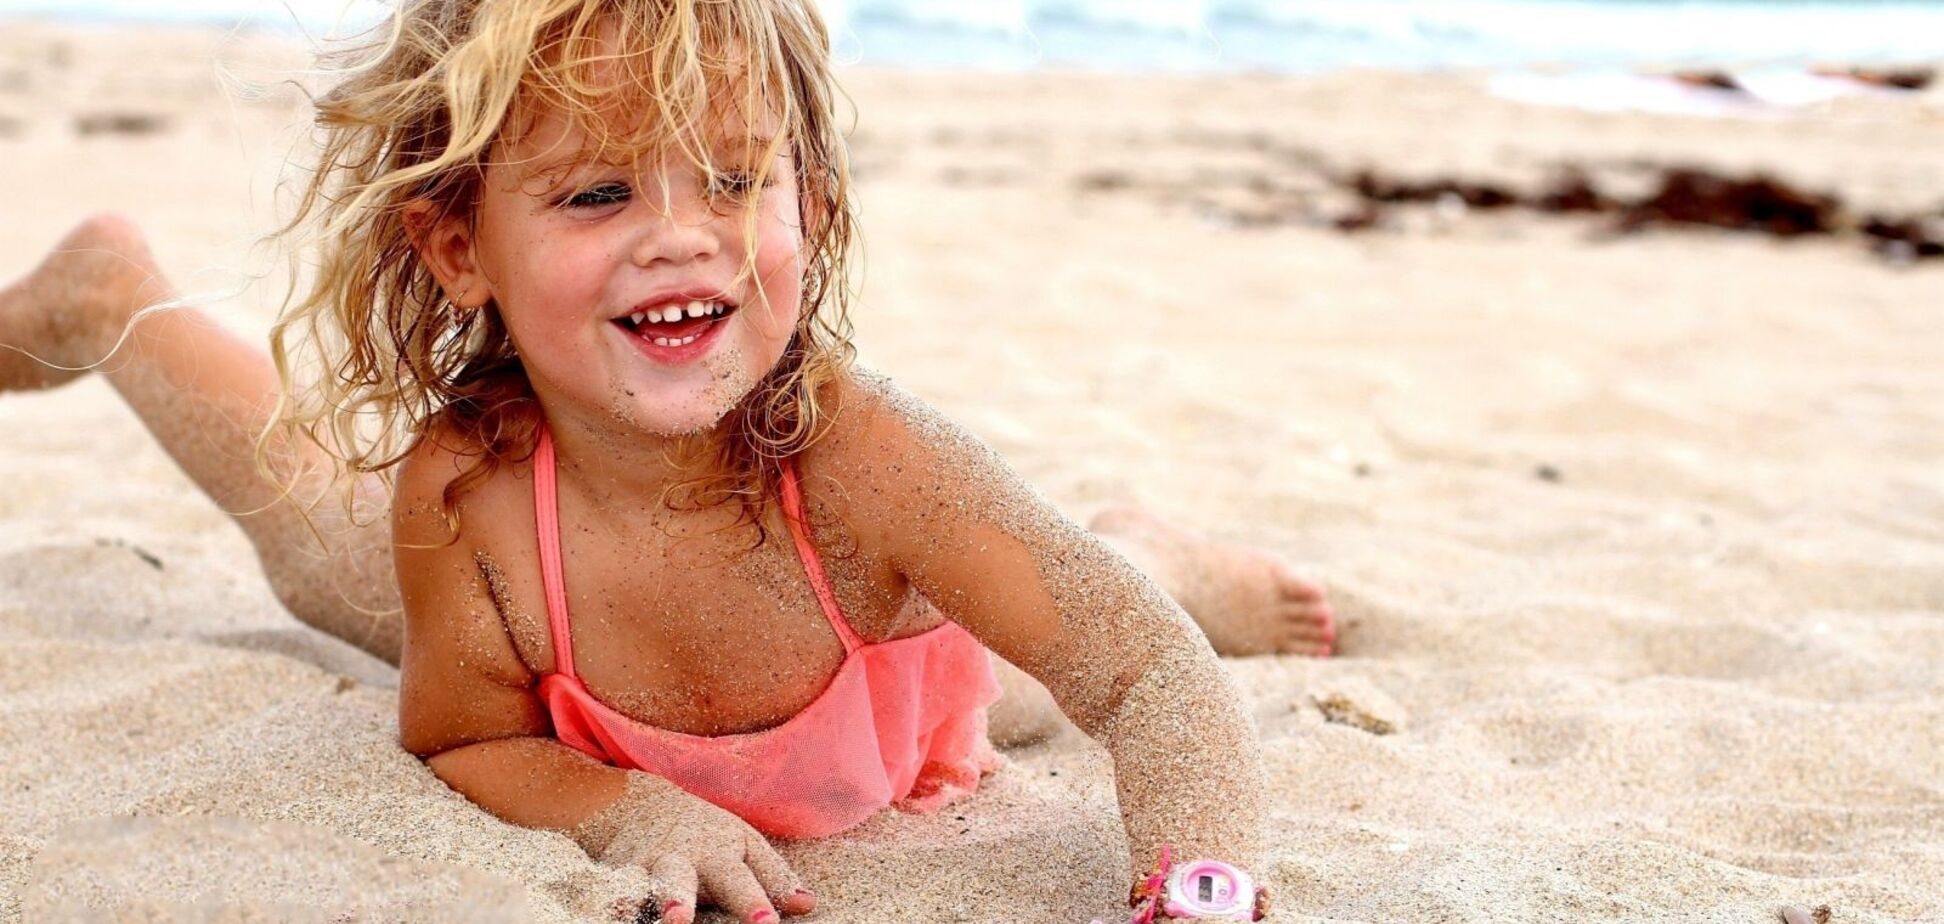 ТОП-5 болезней, которыми можно заразиться во время купания в водоеме